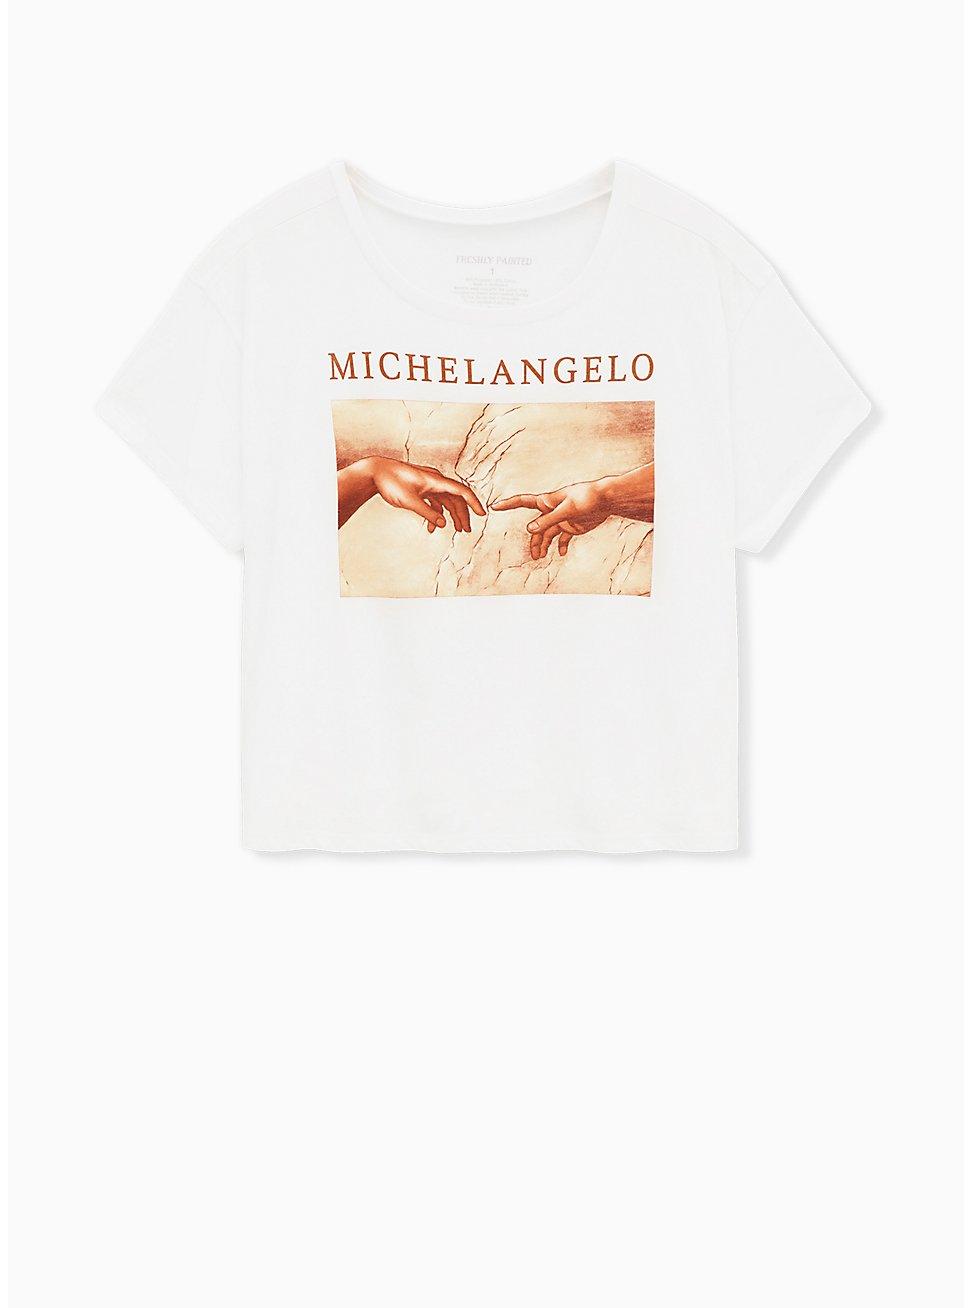 Michaelangelo Crop Crew Tee - White, CLOUD DANCER, hi-res